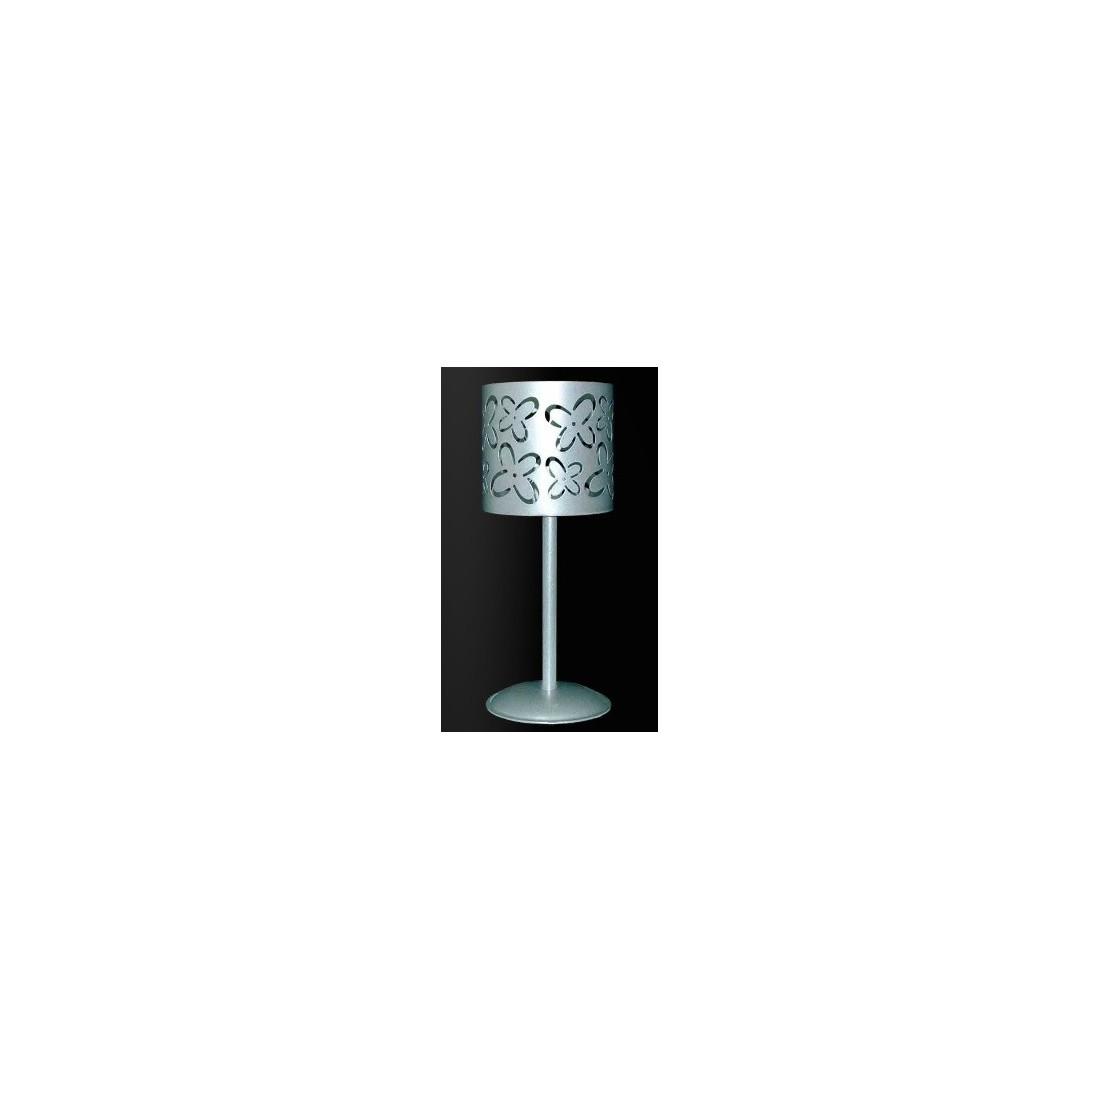 Iluminacion Baño Focos:focos baño referencia 0336 42905 foco 1 luz acabado metal níquel